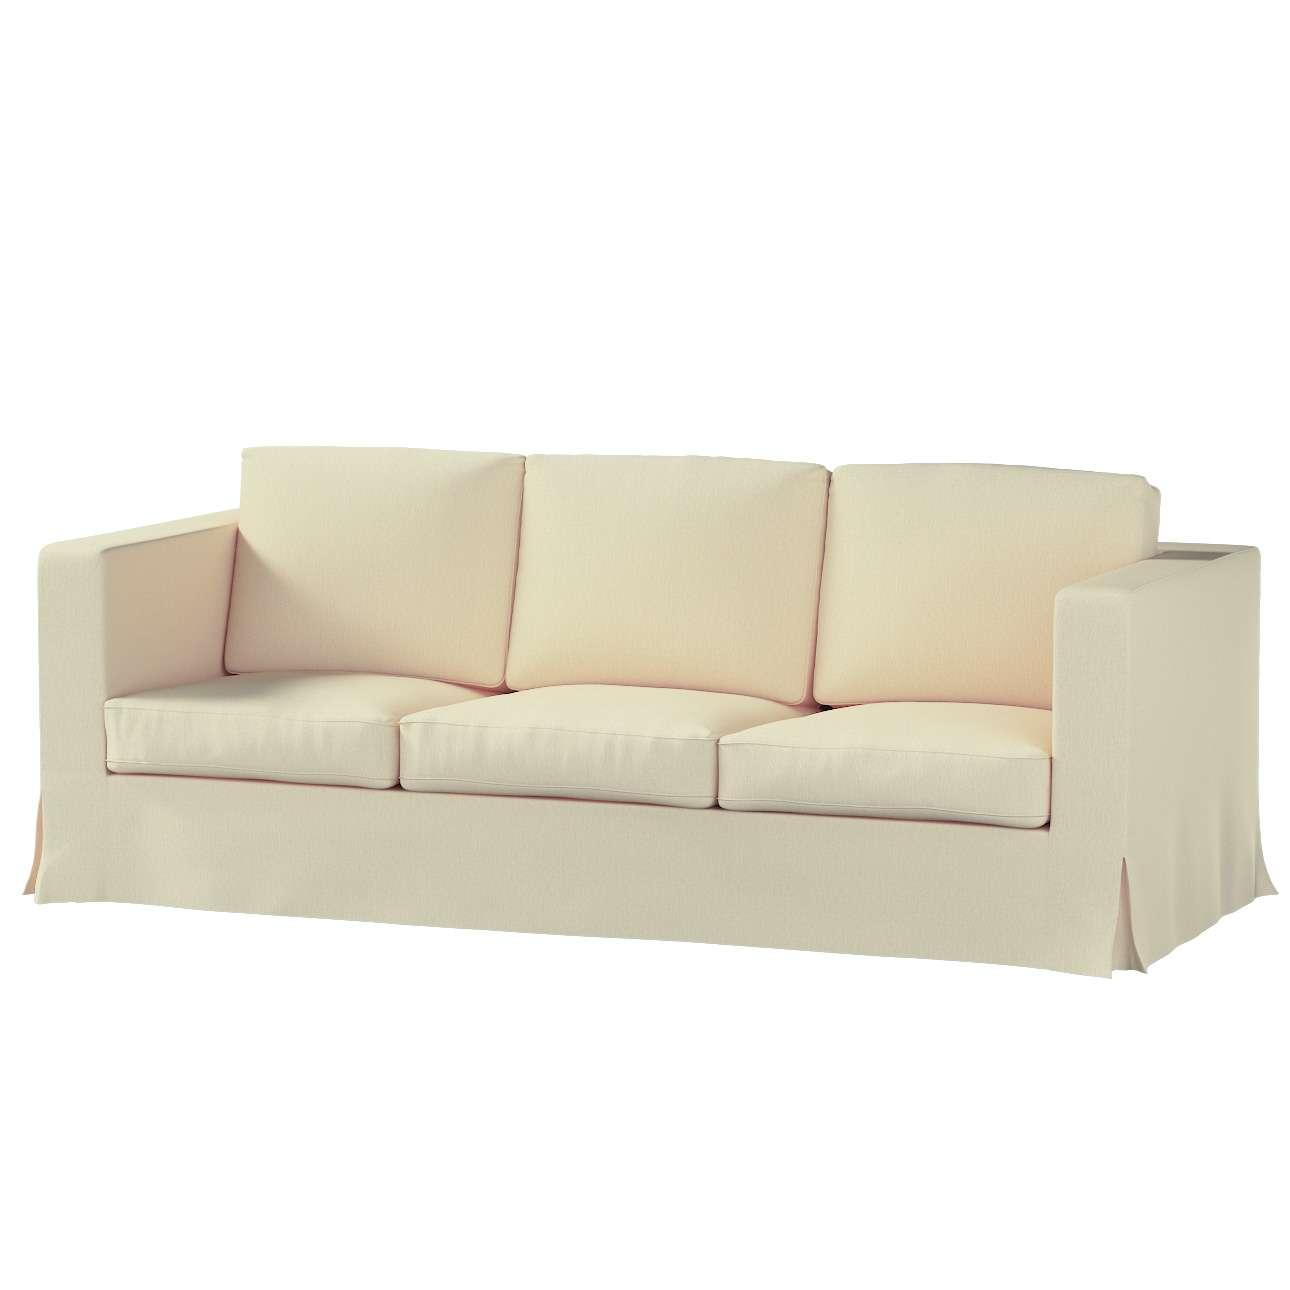 KARLANDA trivietės sofos iki žemės užvalkalas KARLANDA trivietės sofos iki žemės užvalkalas kolekcijoje Chenille, audinys: 702-22